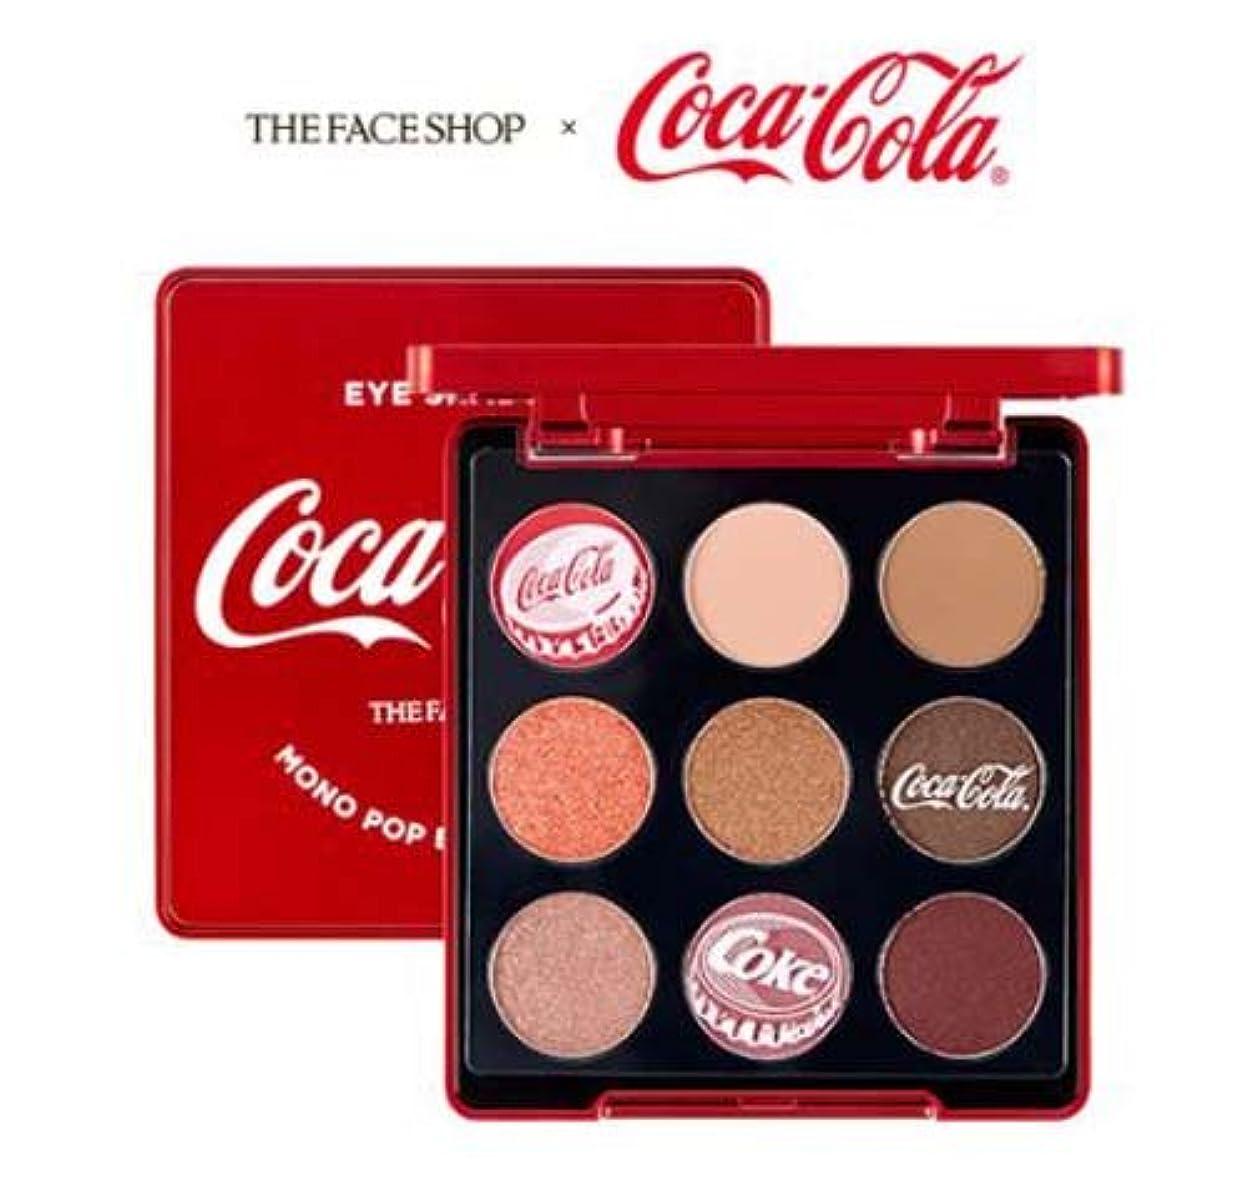 グレーかなりベーカリー[ザ?フェイスショップ] THE FACE SHOP [モノ ポップ アイズ シャドーパレット(9色) - コカ?コーラ限定版] (Mono Pop Eyes - Coca Cola Edition) [海外直送品]